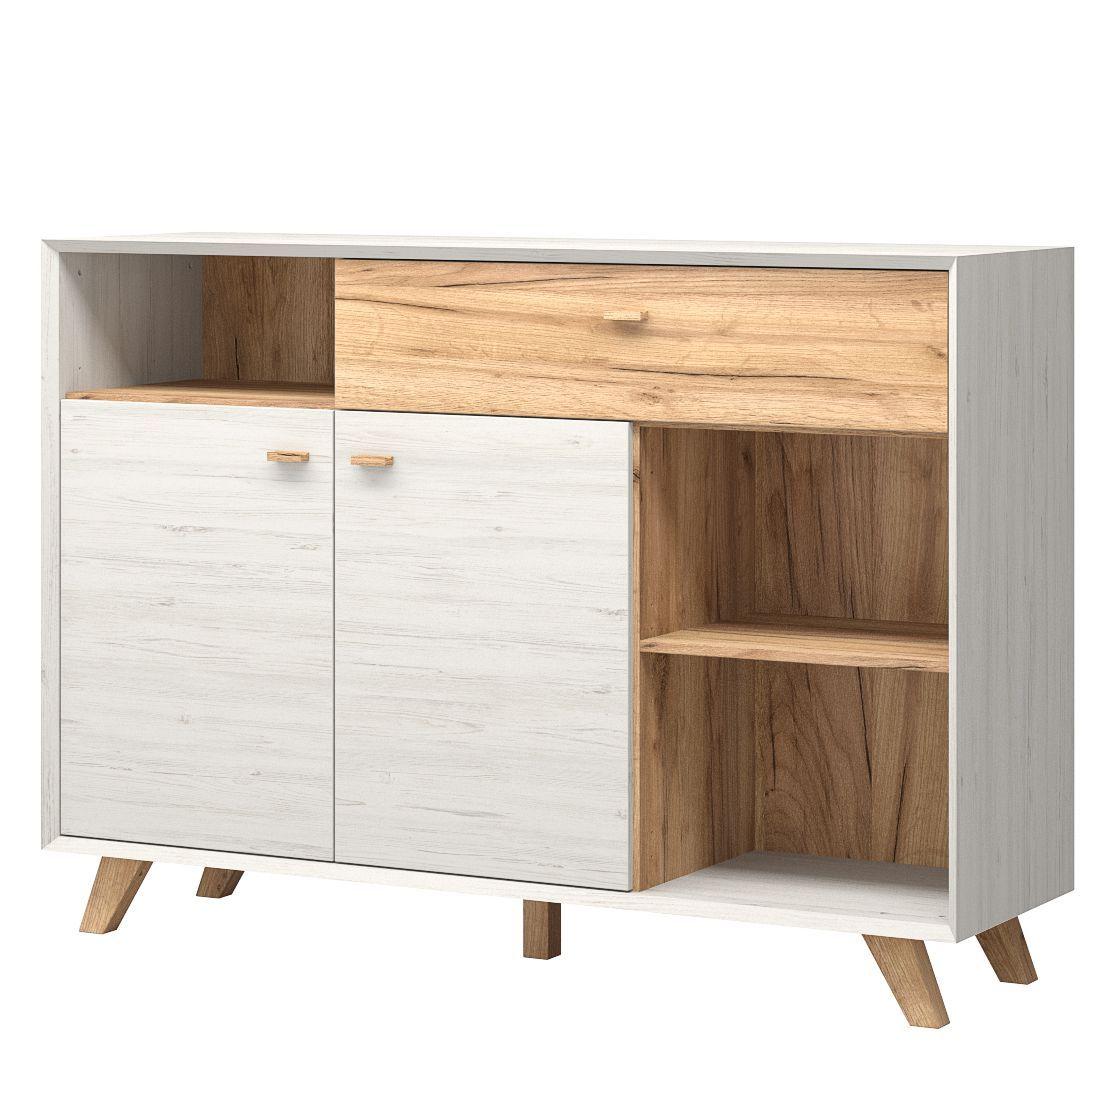 Morteens Möbel sideboard calvi iii pinie weiß dekor eiche navarra dekor